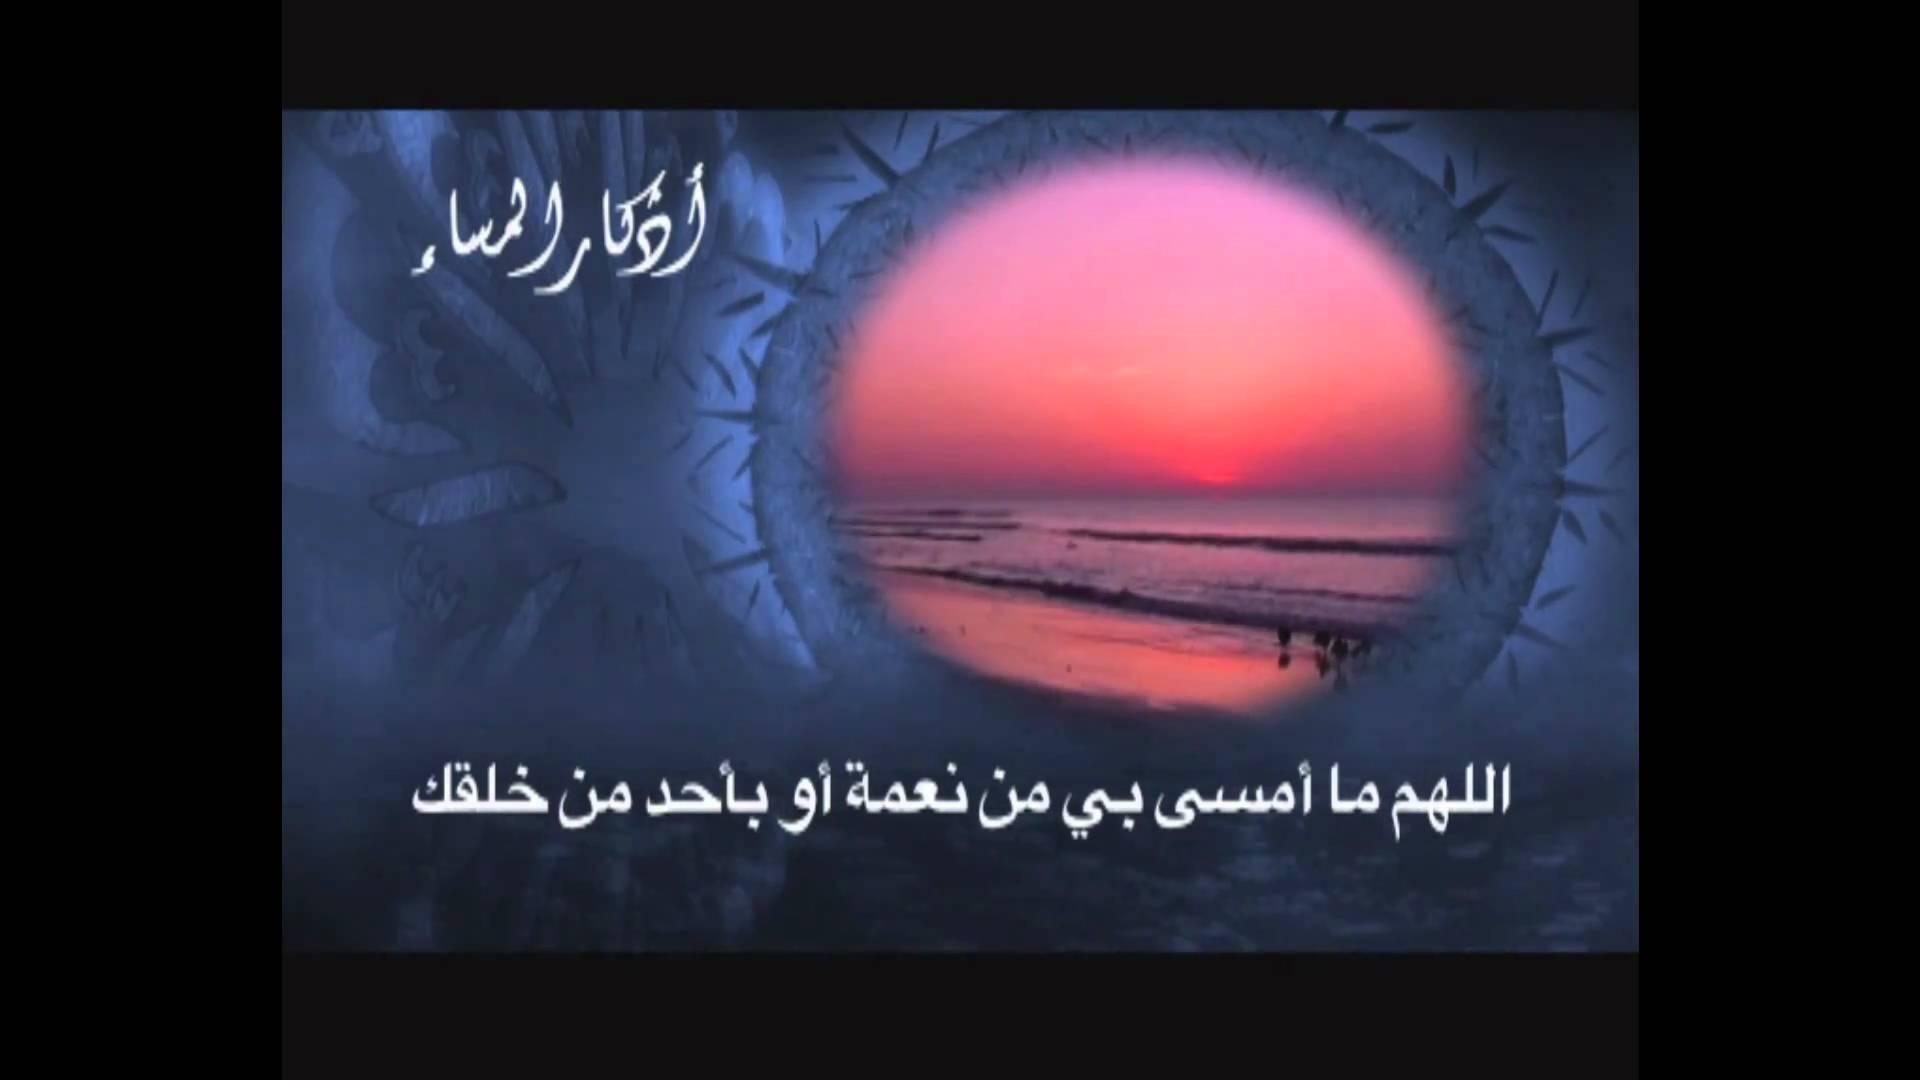 بالصور دعاء المساء , اذكار وادعيه للمساء 6105 10